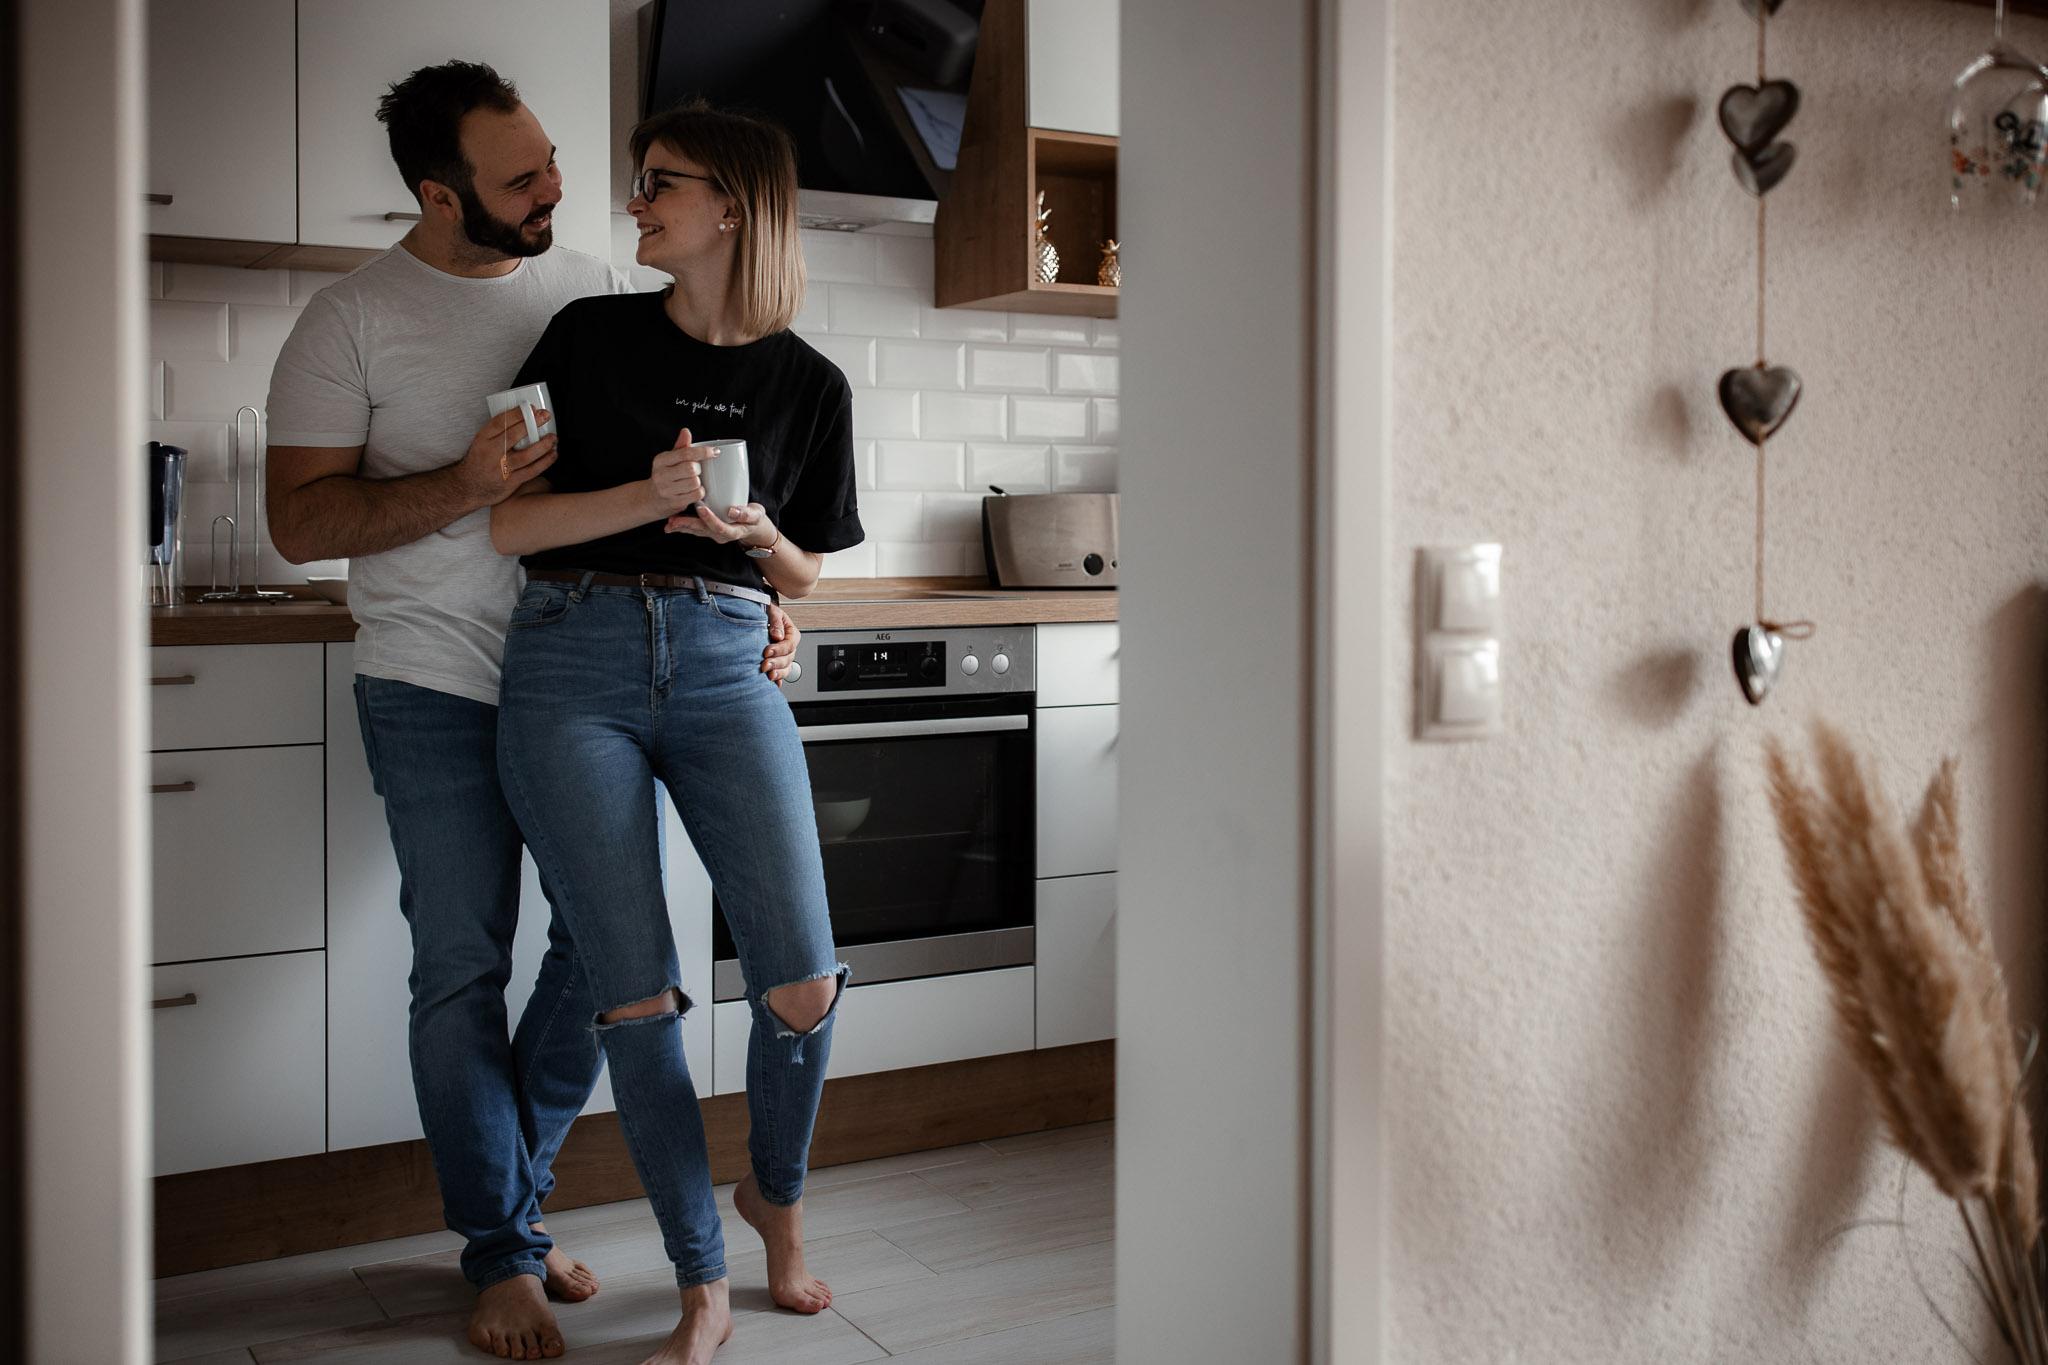 Paarfotos zu Hause - Homestory mit Sarah und Max in Worms 12